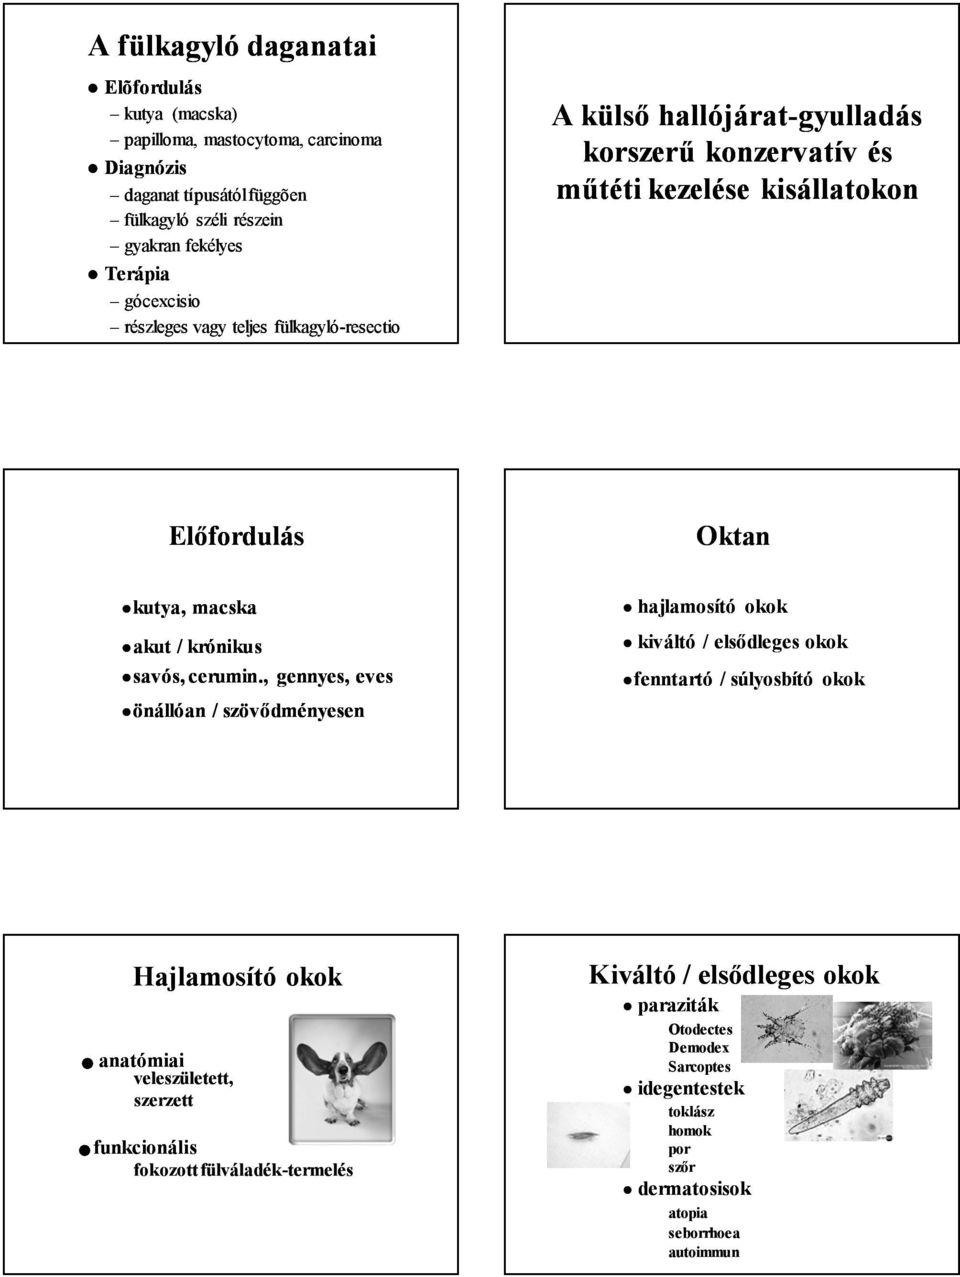 papillómák és paraziták alternatív kezelése